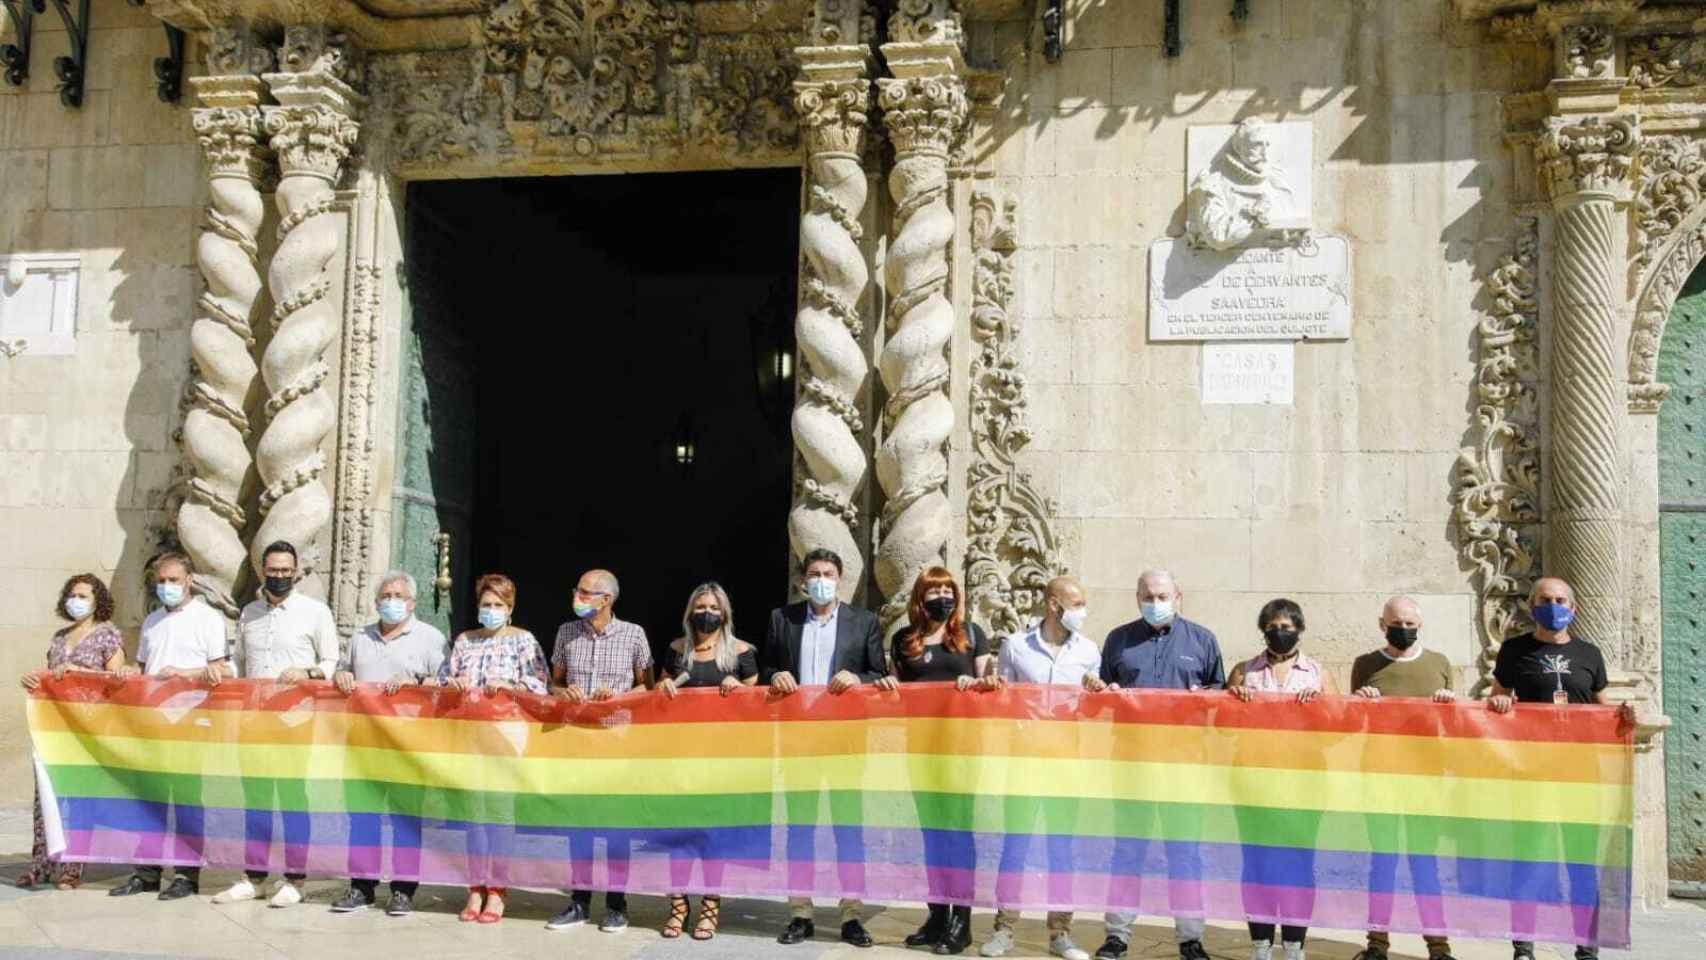 El Ayuntamiento de Alicante celebra el Día Internacional del Orgullo Gay.